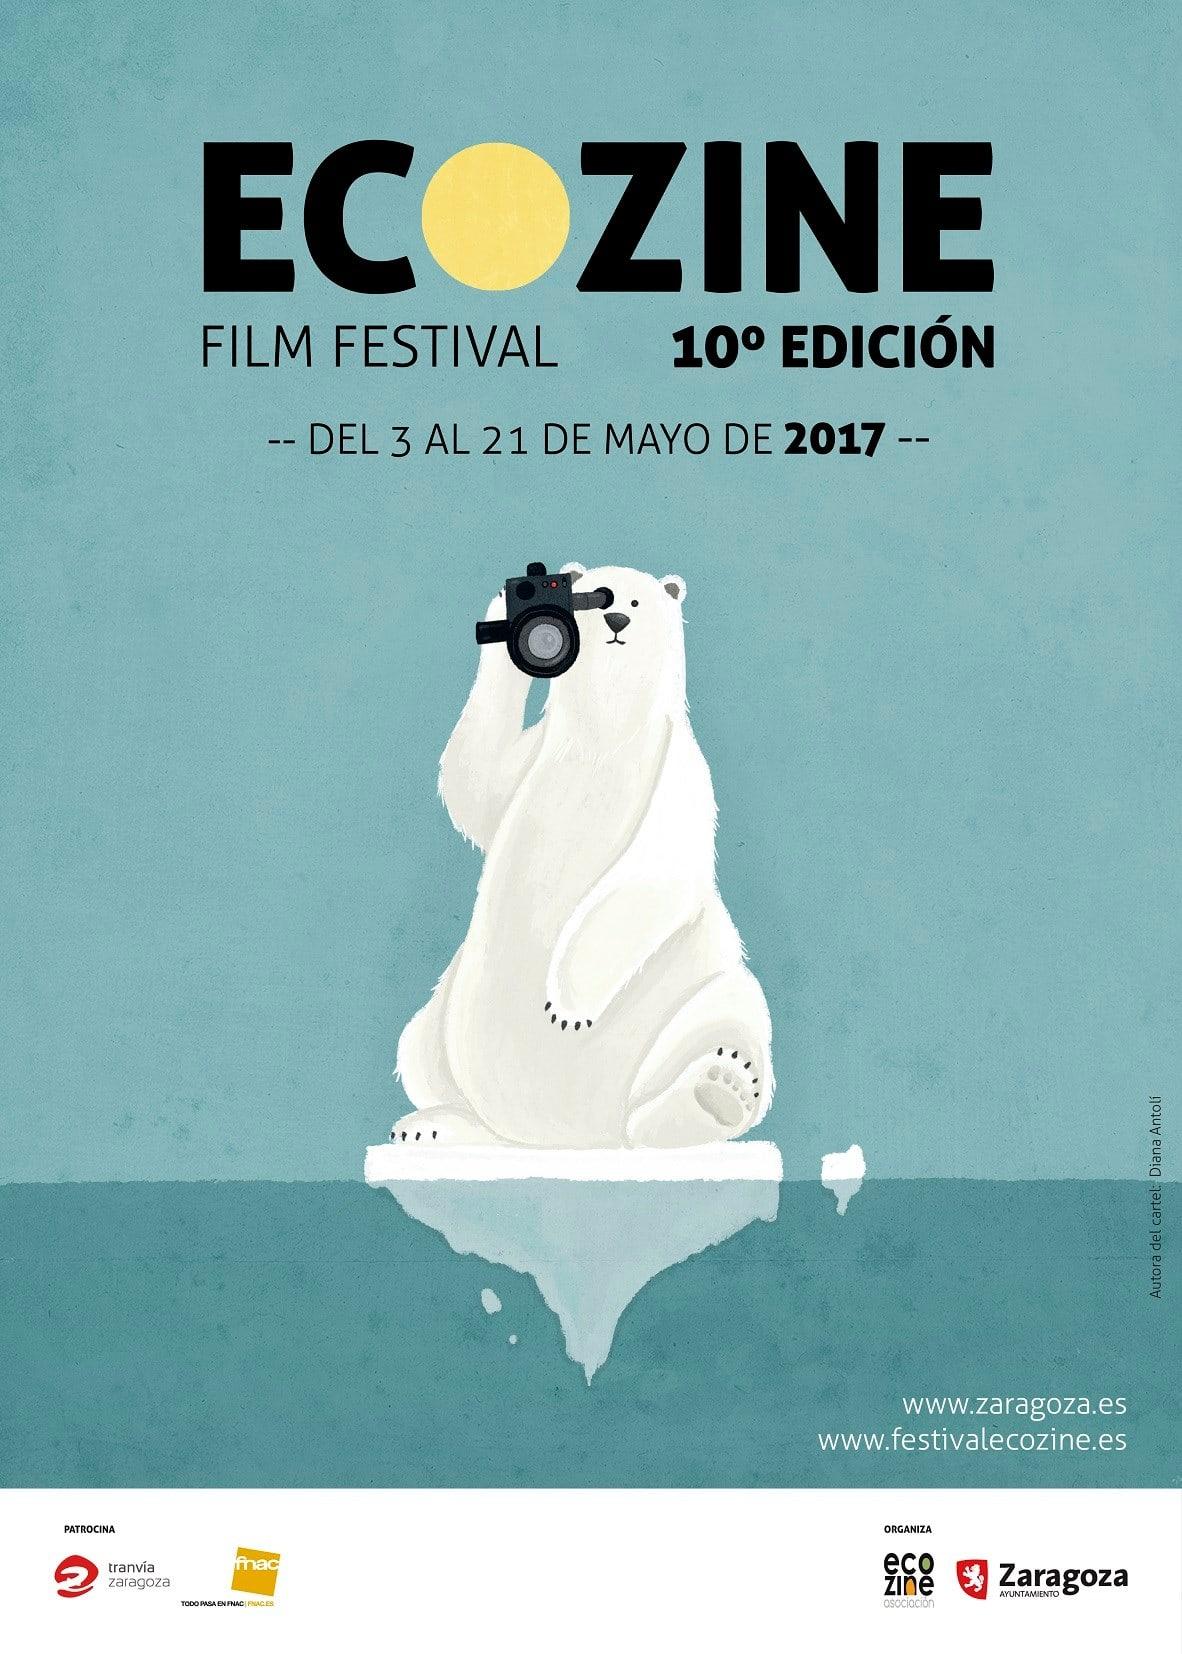 El cartel de la 10ª edición del Festival Ecozine ha sido diseñado por la artista Diana Antolí.